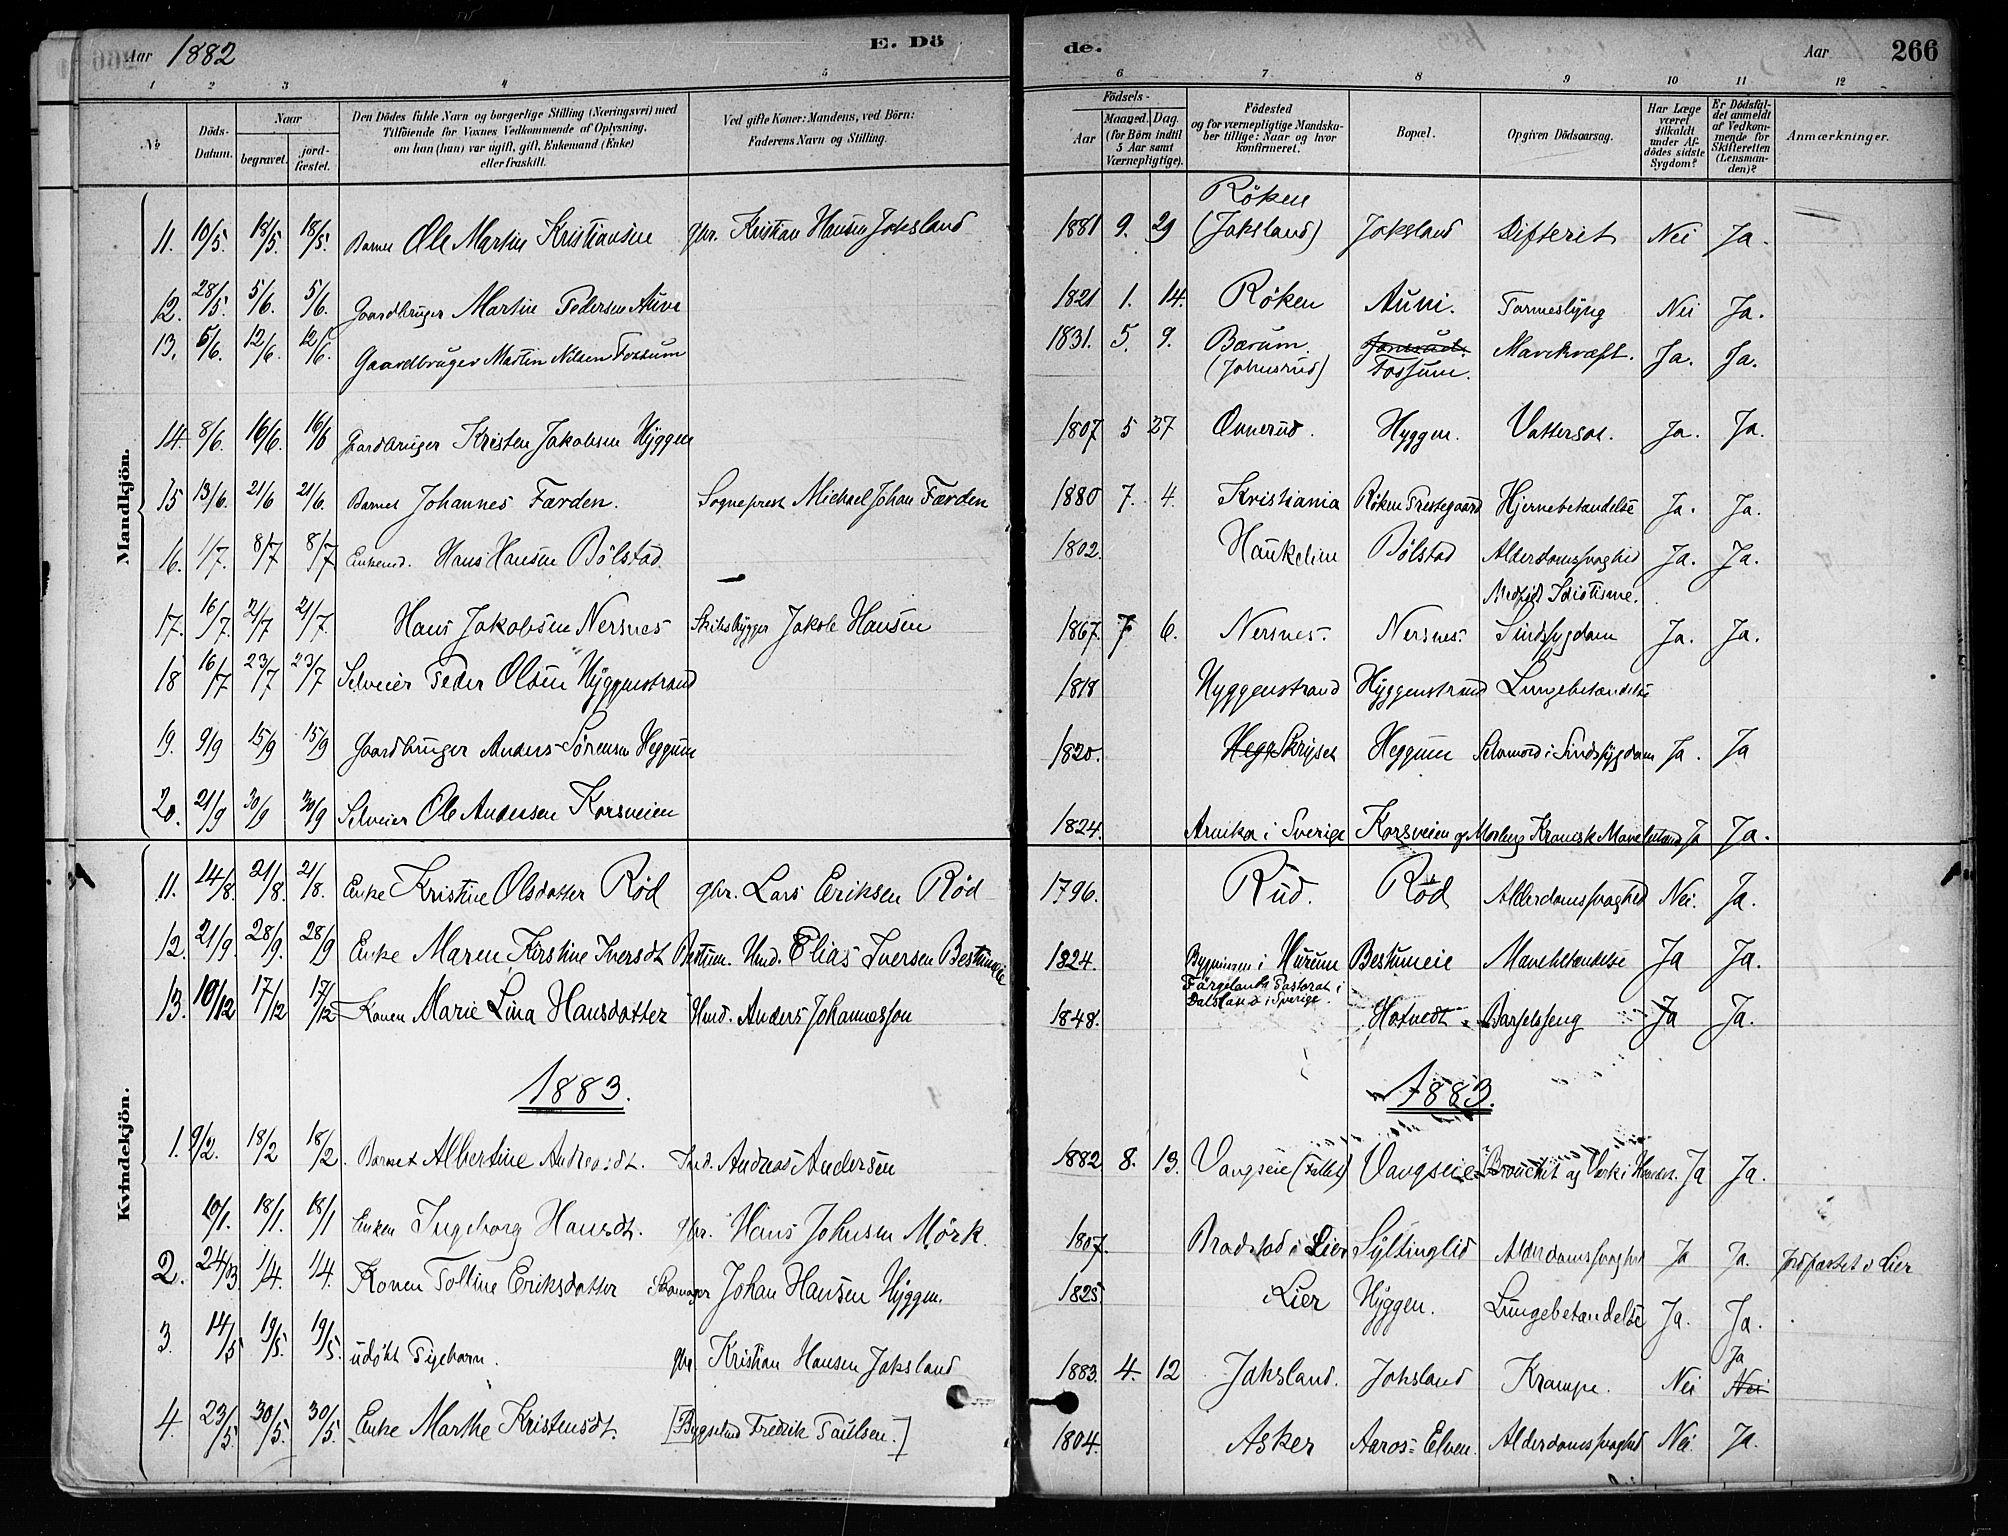 SAKO, Røyken kirkebøker, F/Fa/L0008: Ministerialbok nr. 8, 1880-1897, s. 266